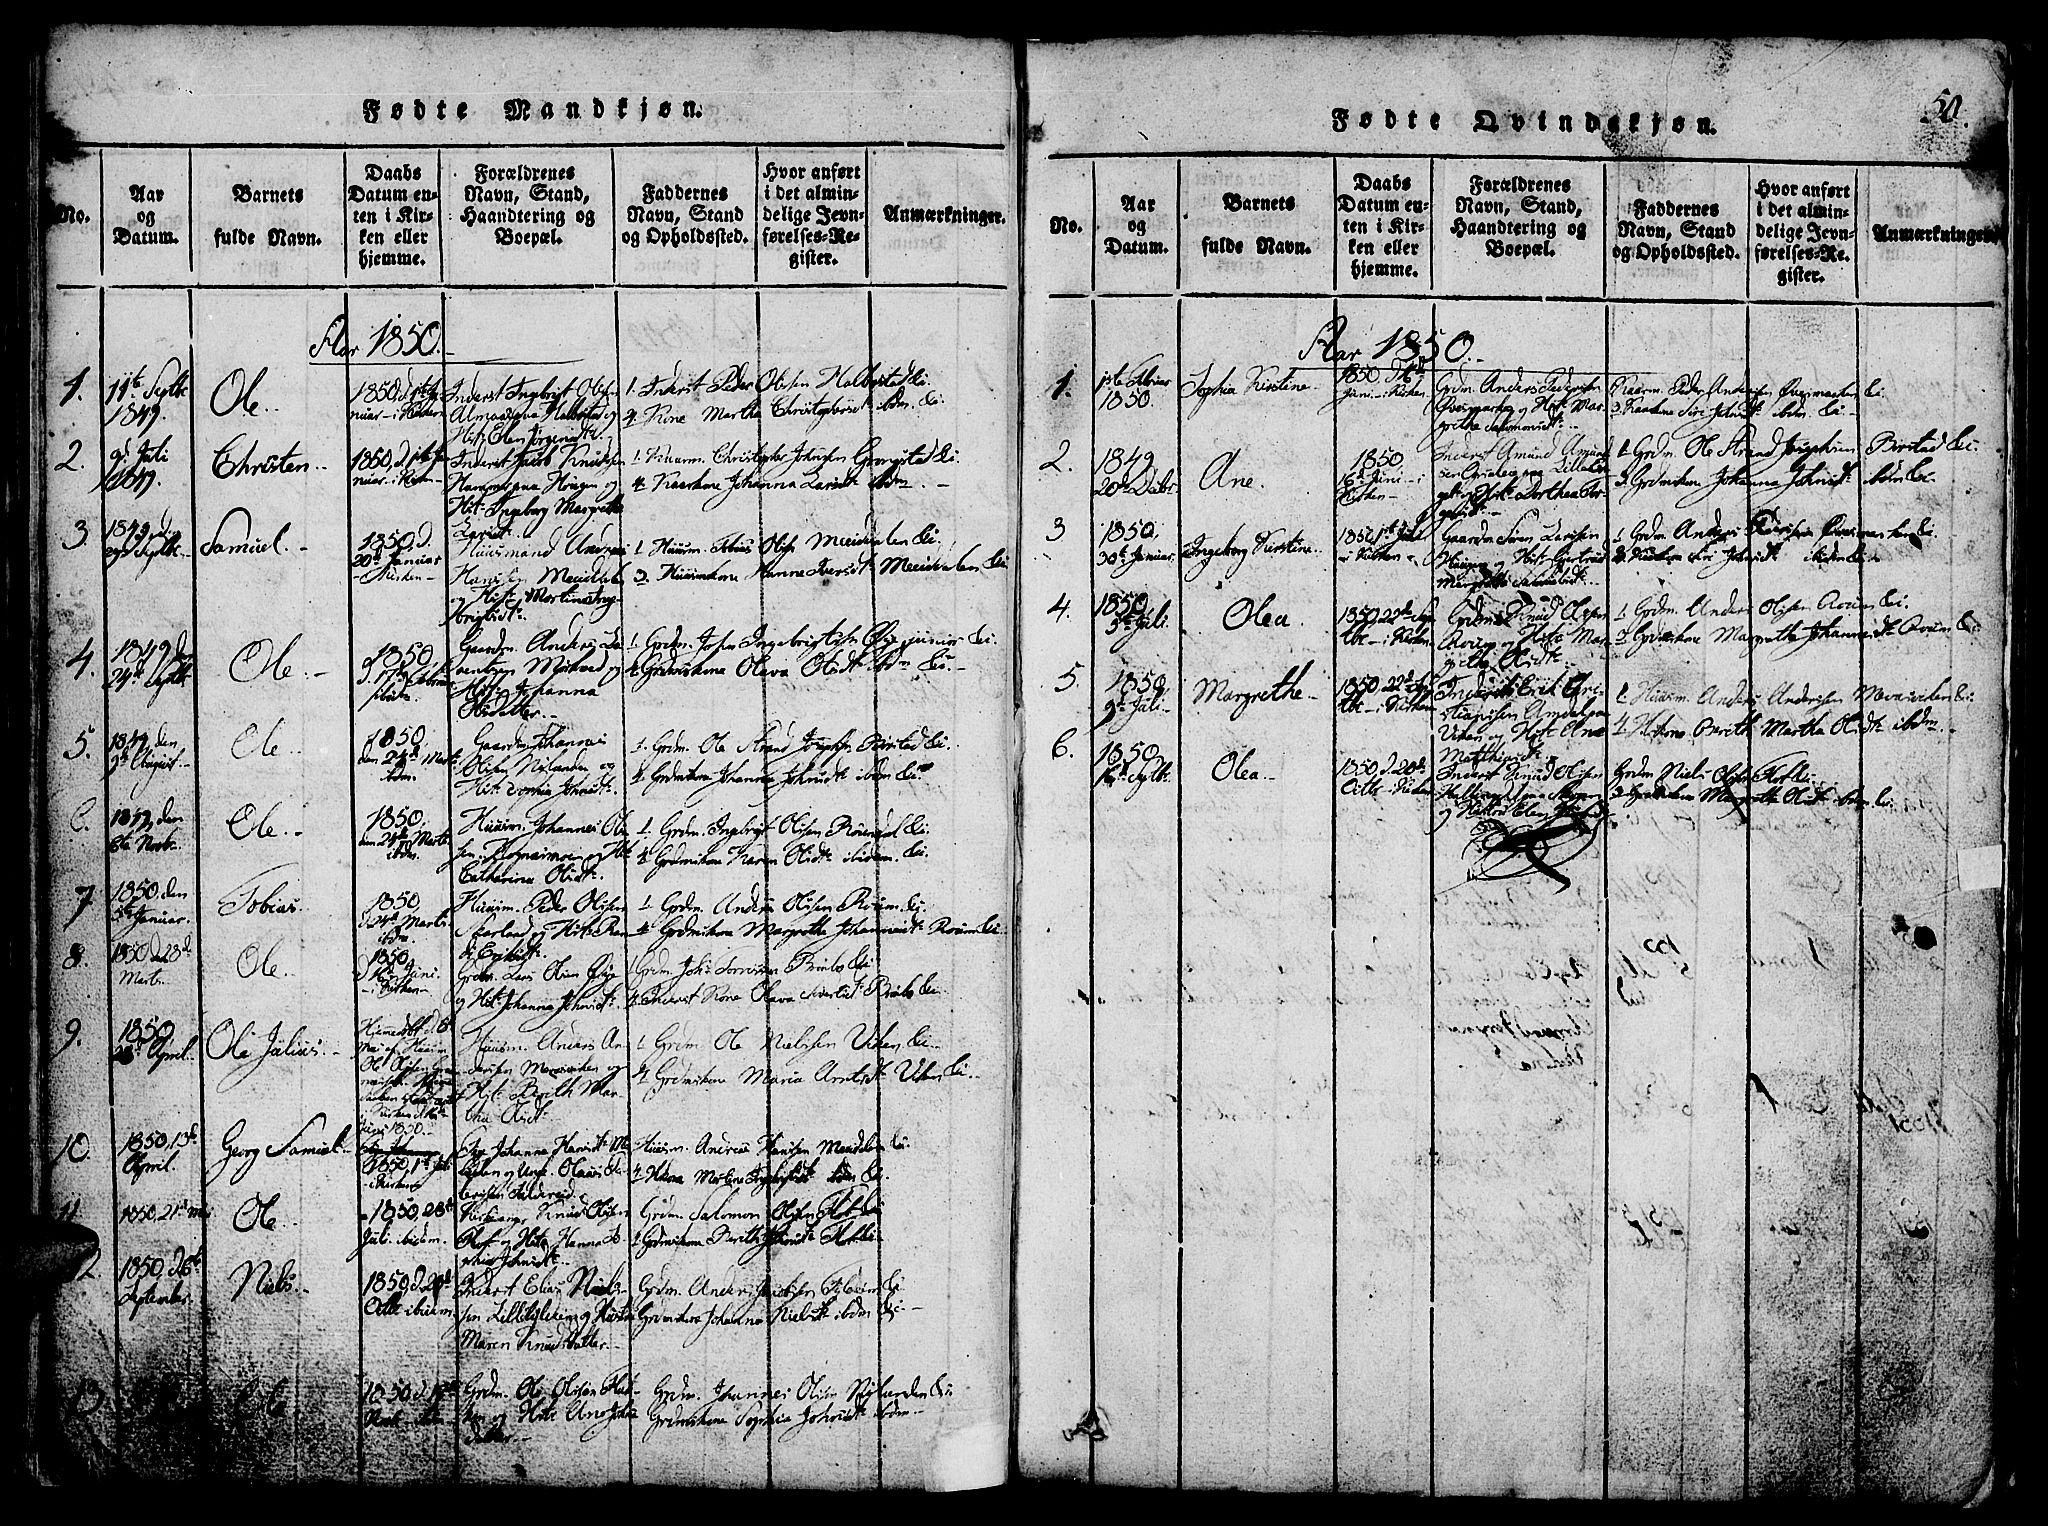 SAT, Ministerialprotokoller, klokkerbøker og fødselsregistre - Nord-Trøndelag, 765/L0562: Klokkerbok nr. 765C01, 1817-1851, s. 50